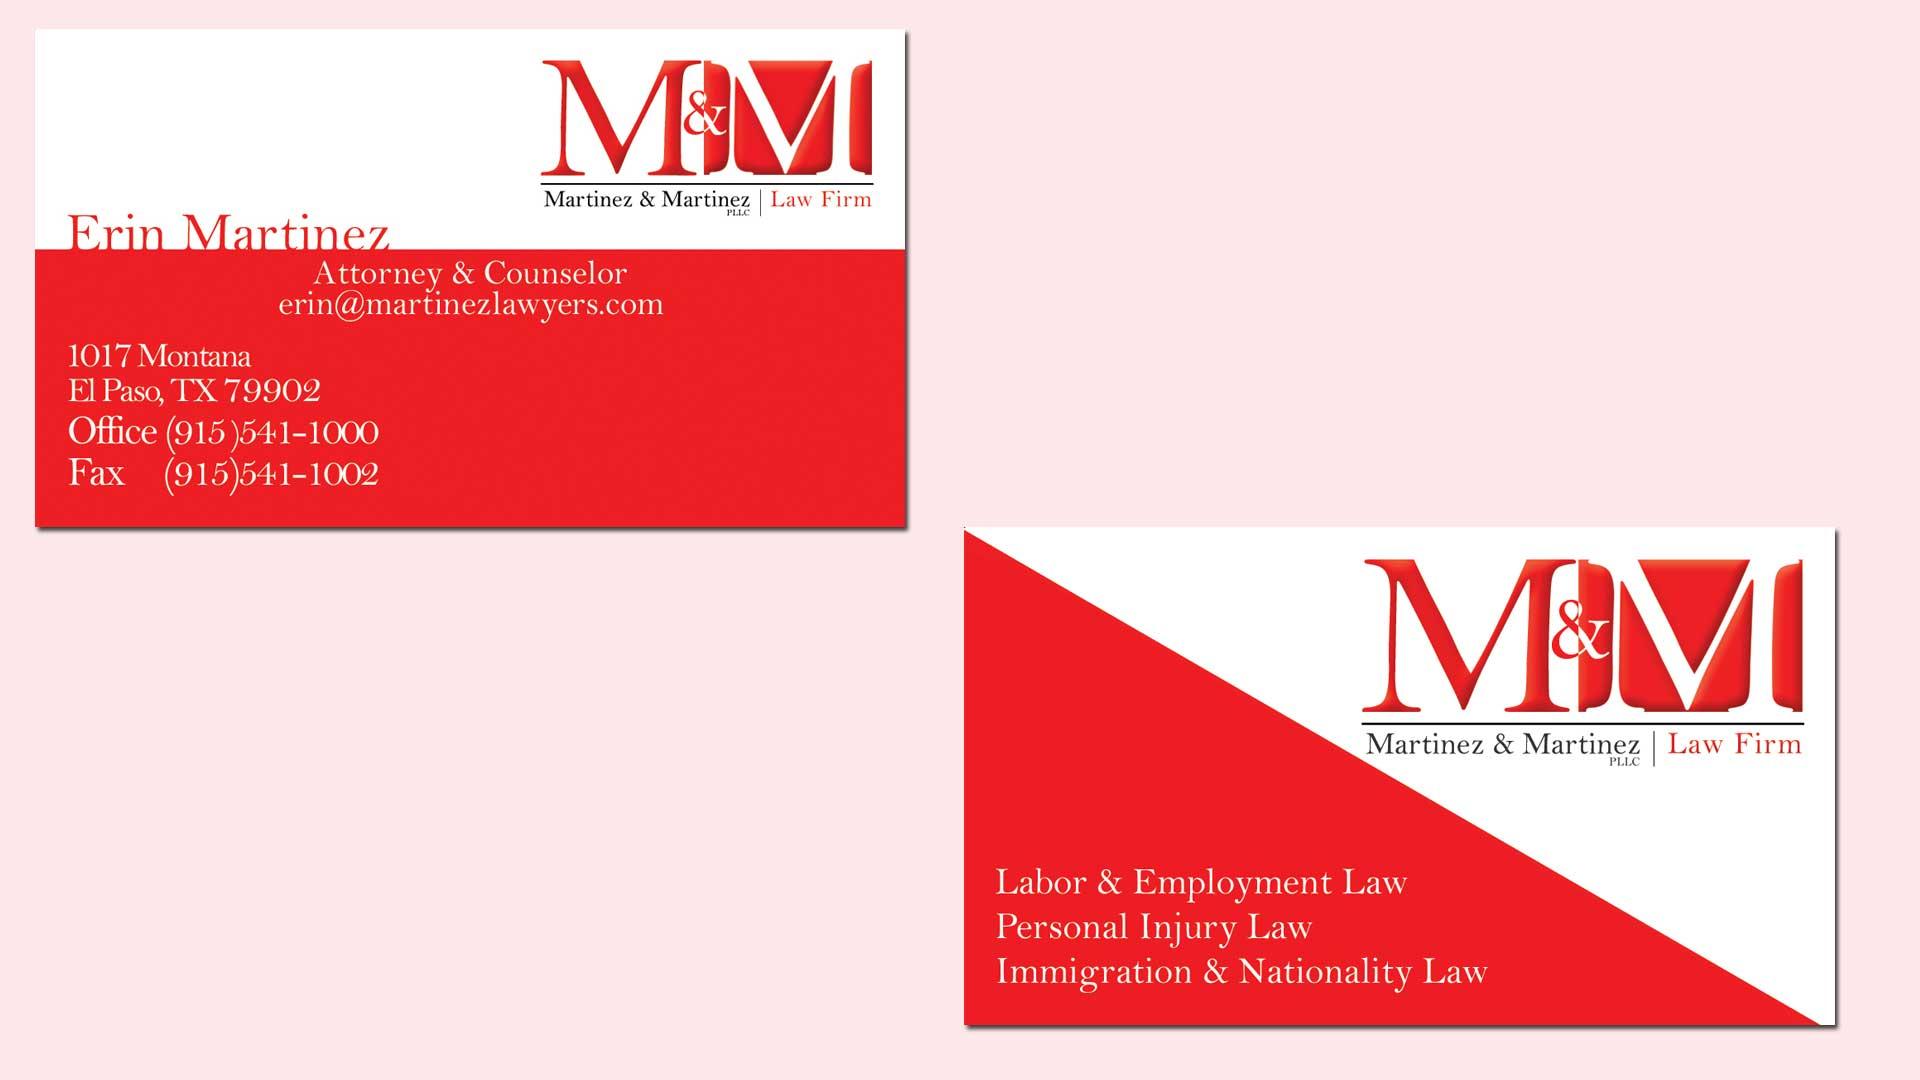 Martinez & Martinez Law Firm - Modified Arts Web Portfolio and Free ...